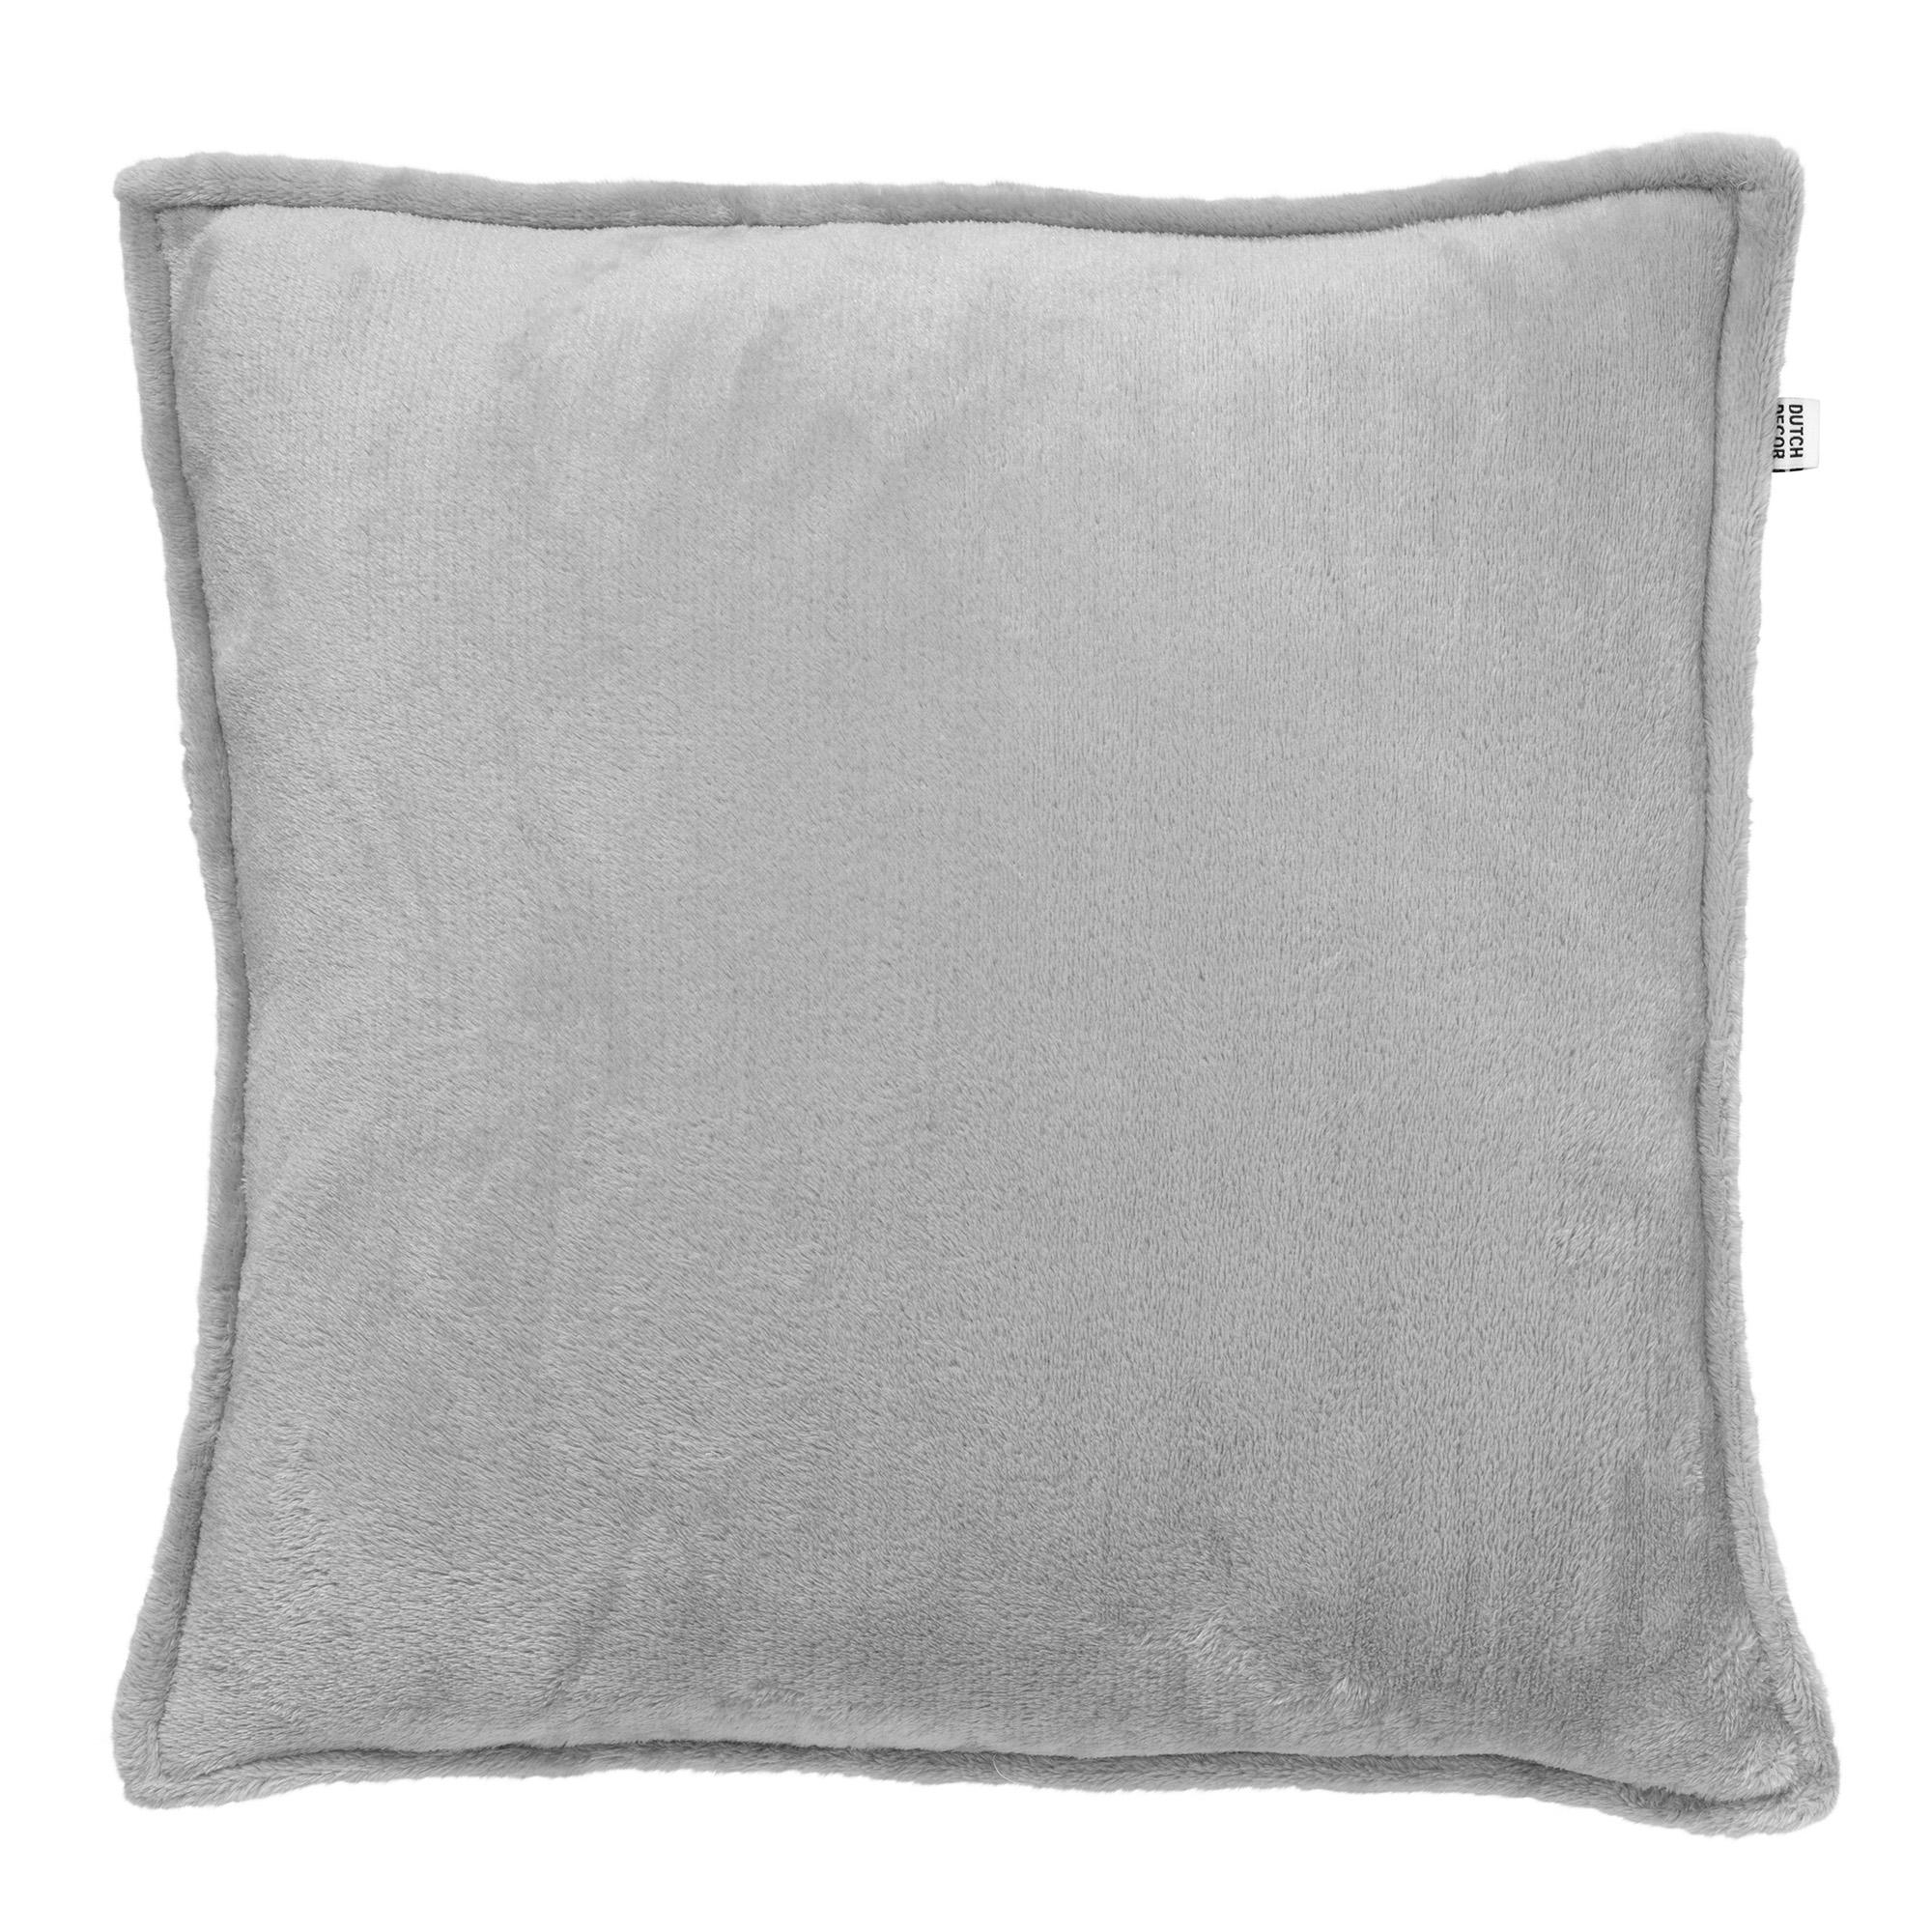 CILLY - Sierkussen van fleece Micro Chip 45x45 cm